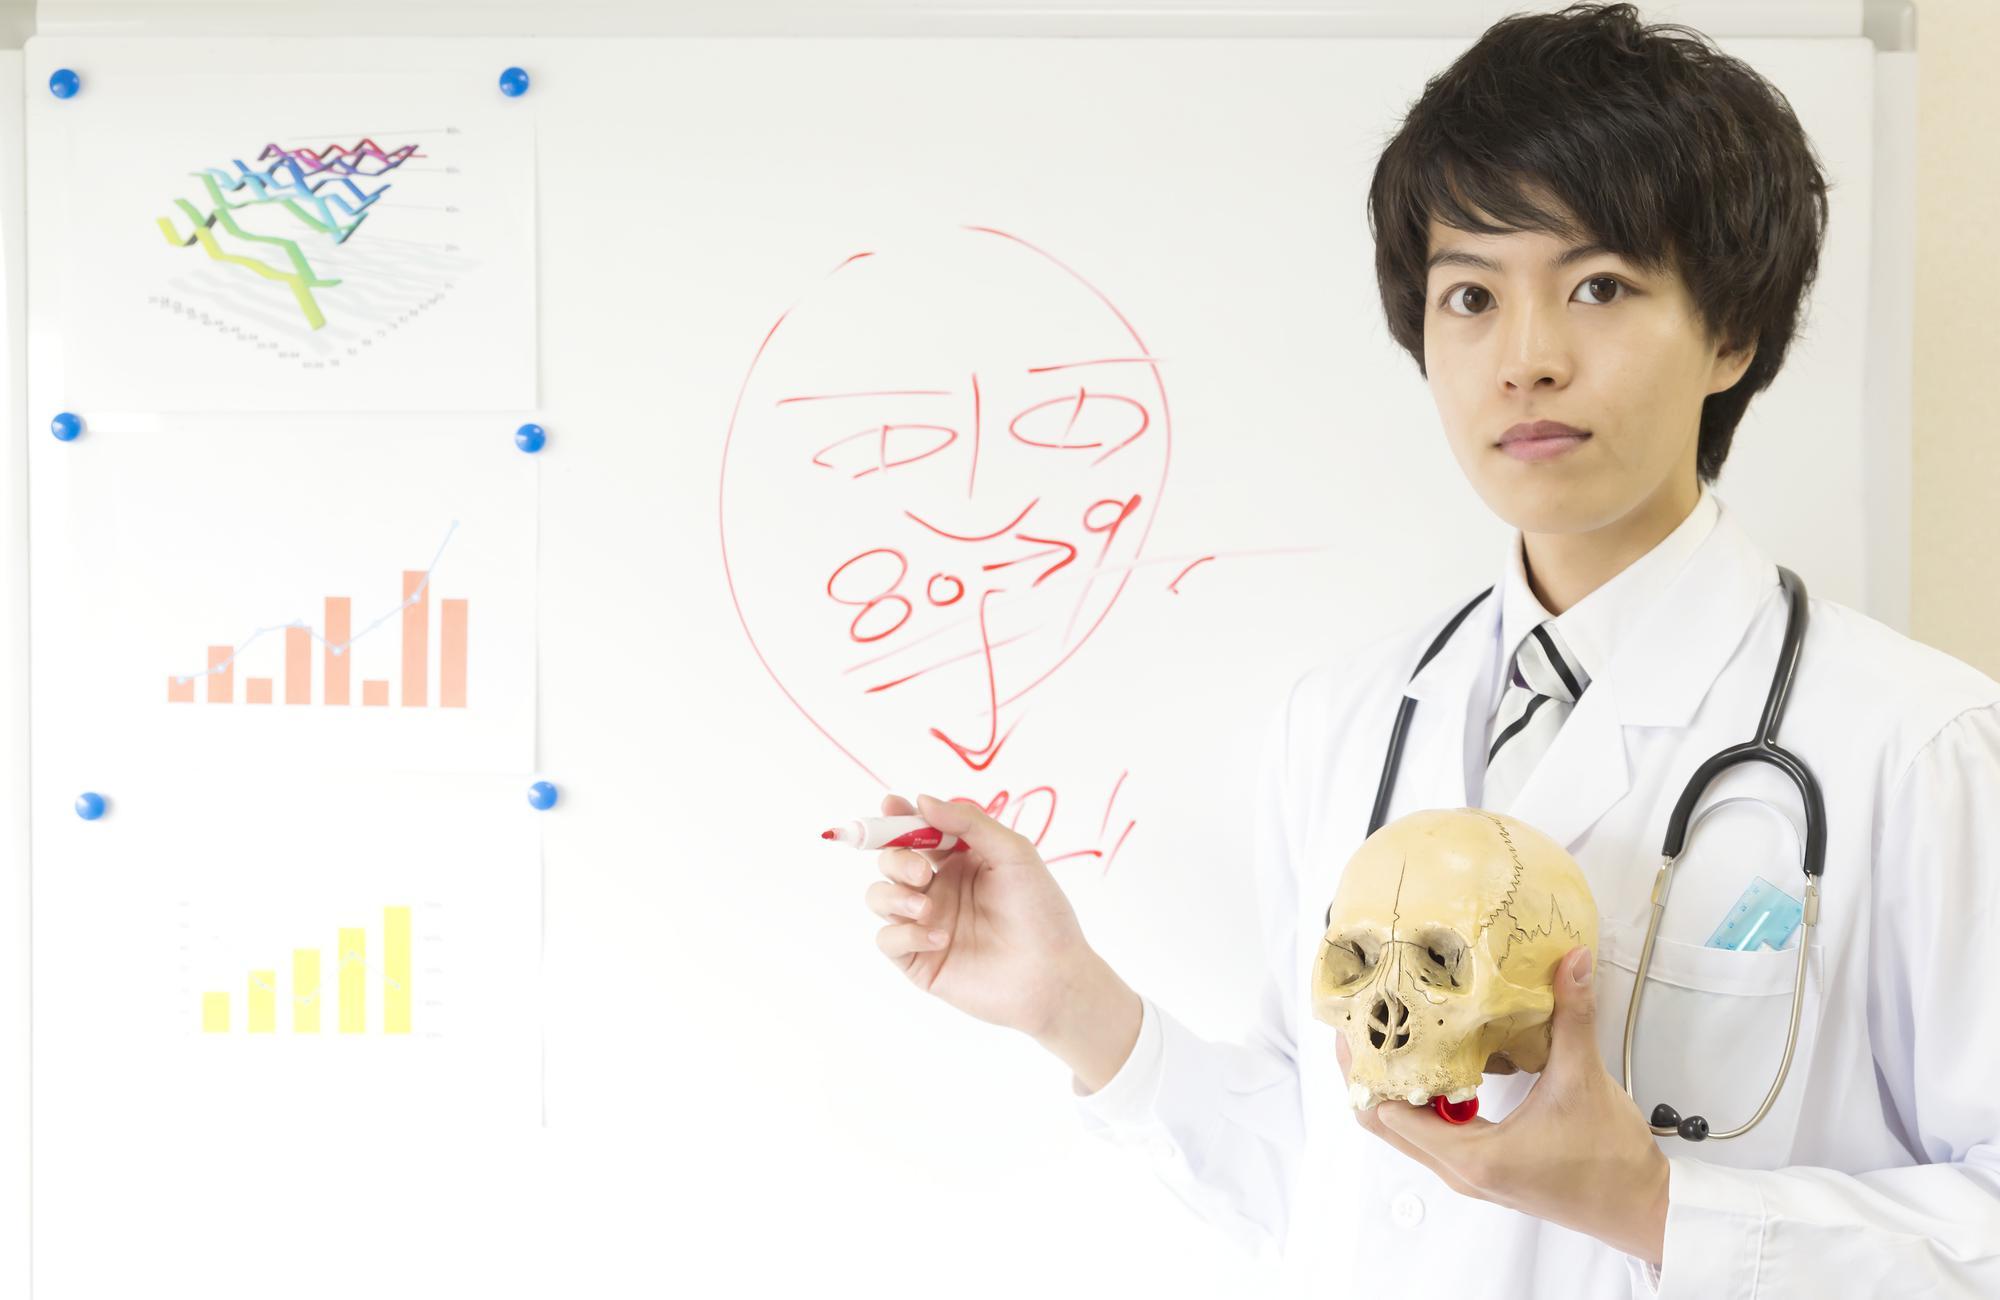 頭蓋骨の模型を持つ医師